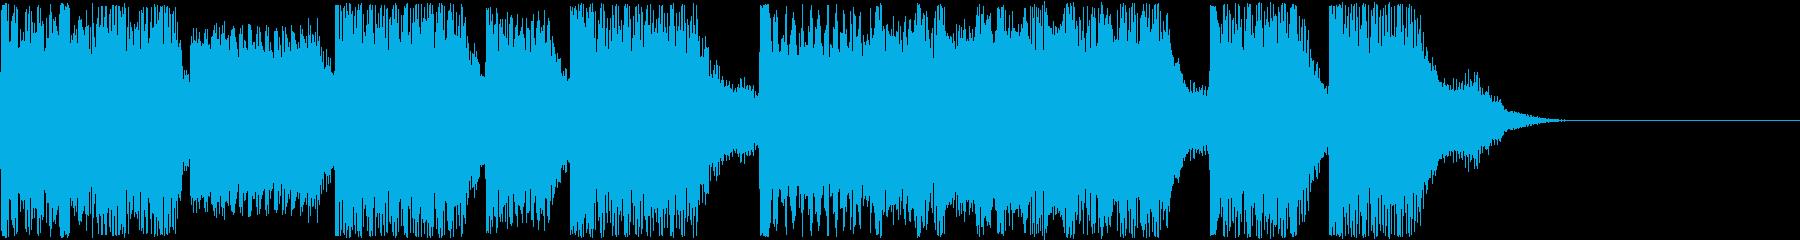 AI メカ/ロボ/マシン動作音 4の再生済みの波形